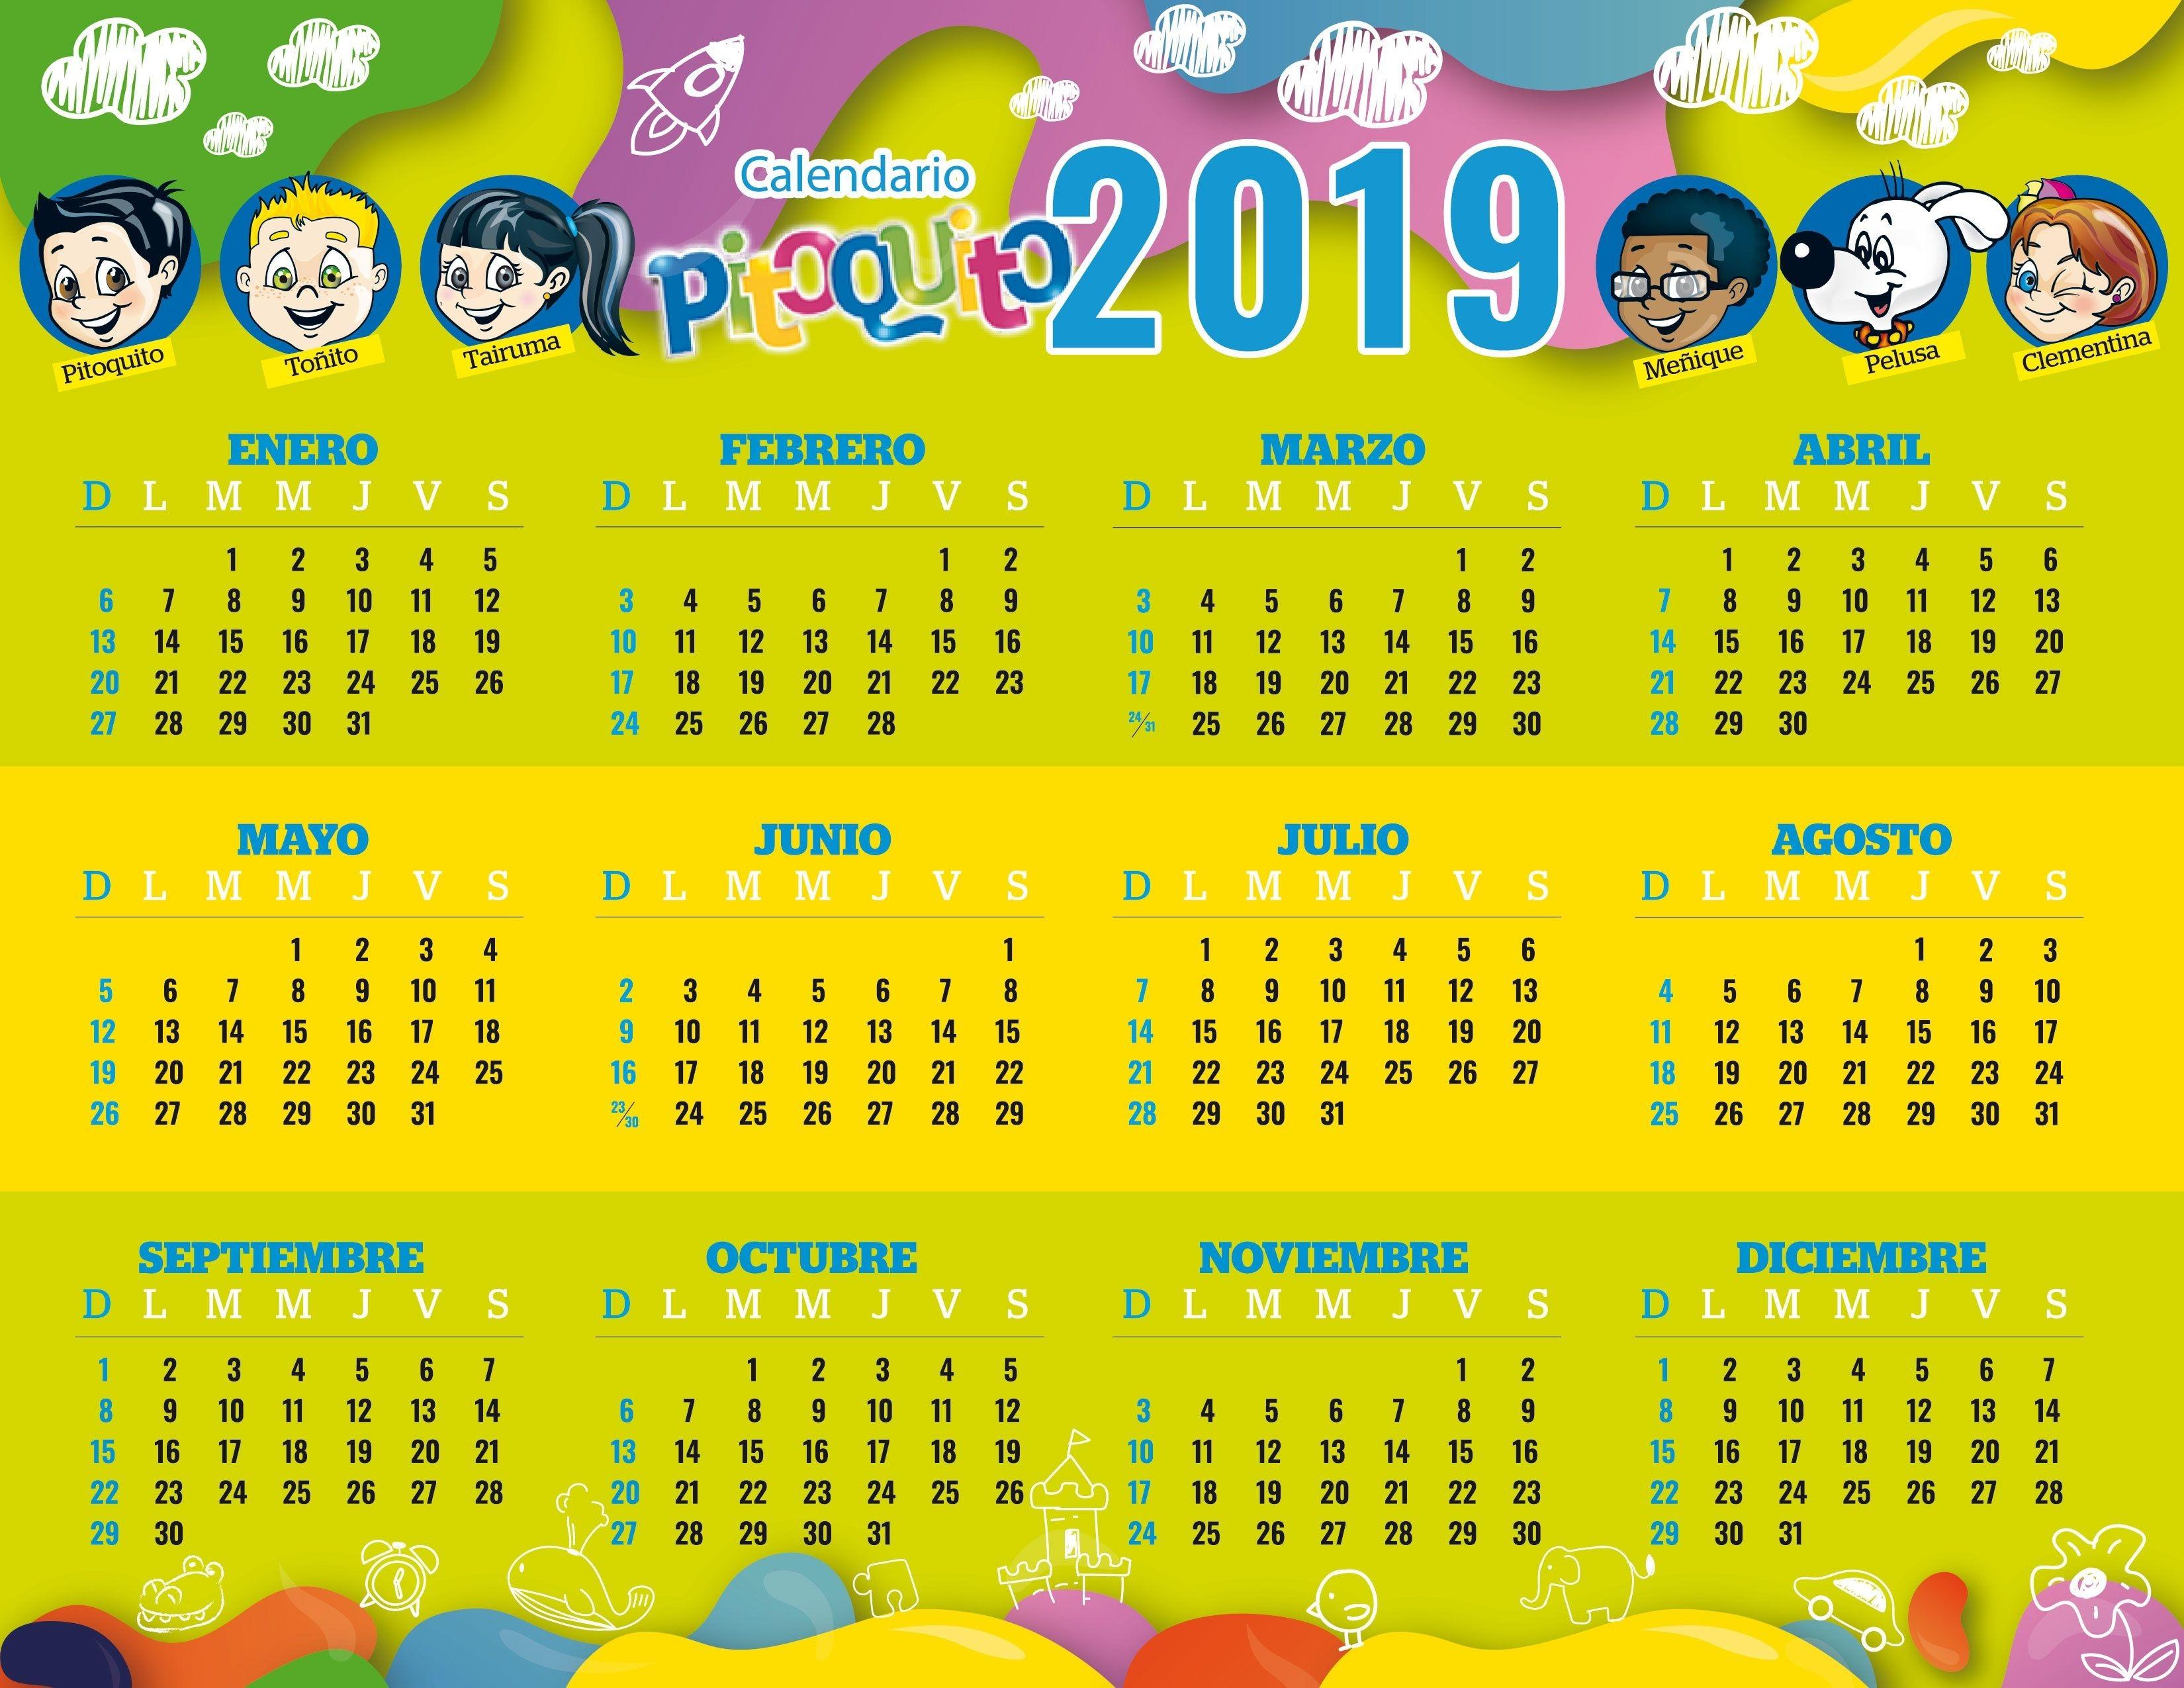 Calendario 2019 Noviembre Para Imprimir Más Caliente Calendario 2019 Ninos Of Calendario 2019 Noviembre Para Imprimir Más Reciente Tj Resid Actividad Puntos Kipdf